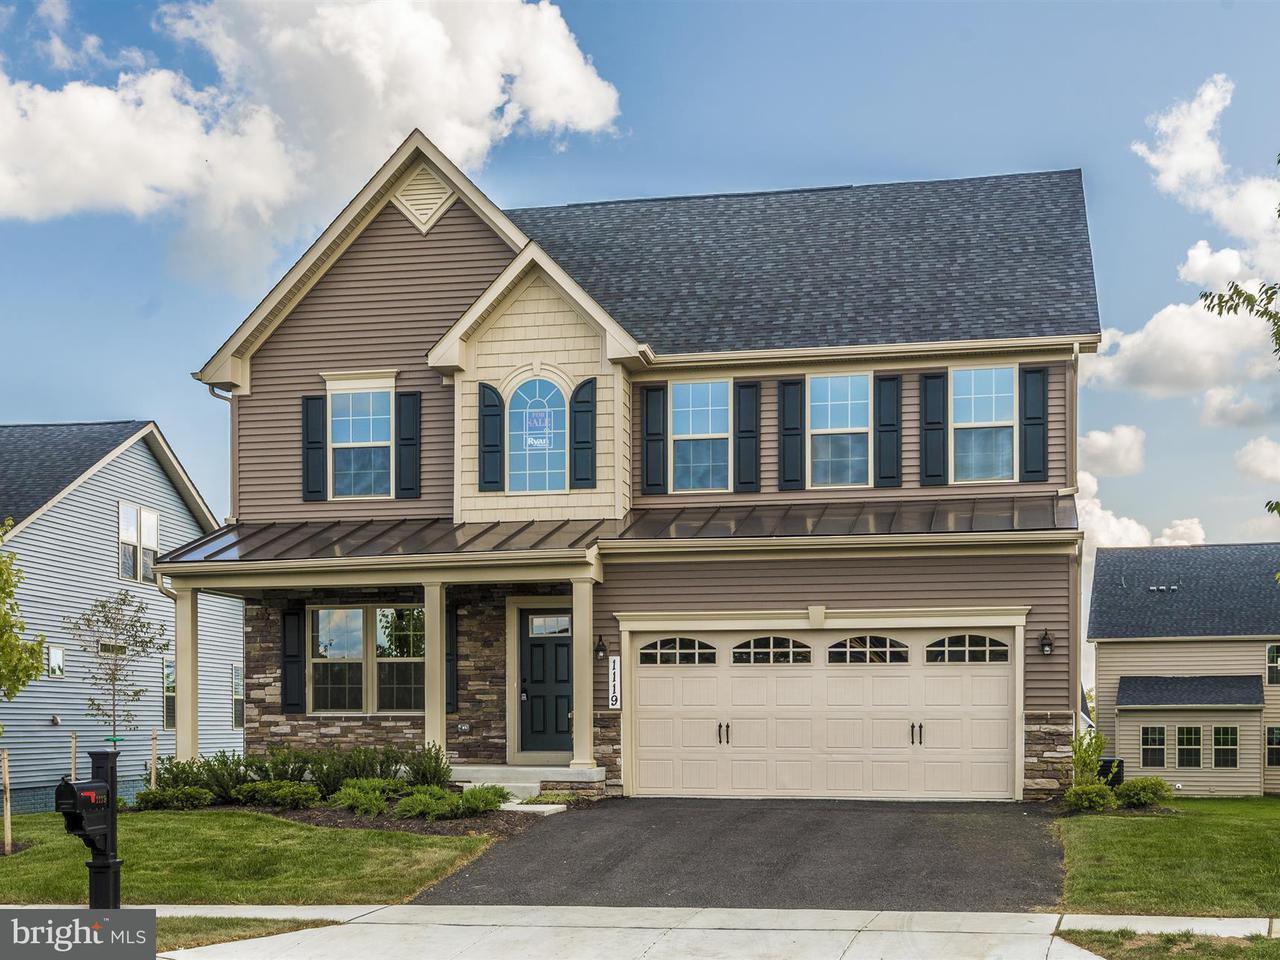 Частный односемейный дом для того Продажа на 1119 LONG FARM Circle 1119 LONG FARM Circle Brunswick, Мэриленд 21716 Соединенные Штаты